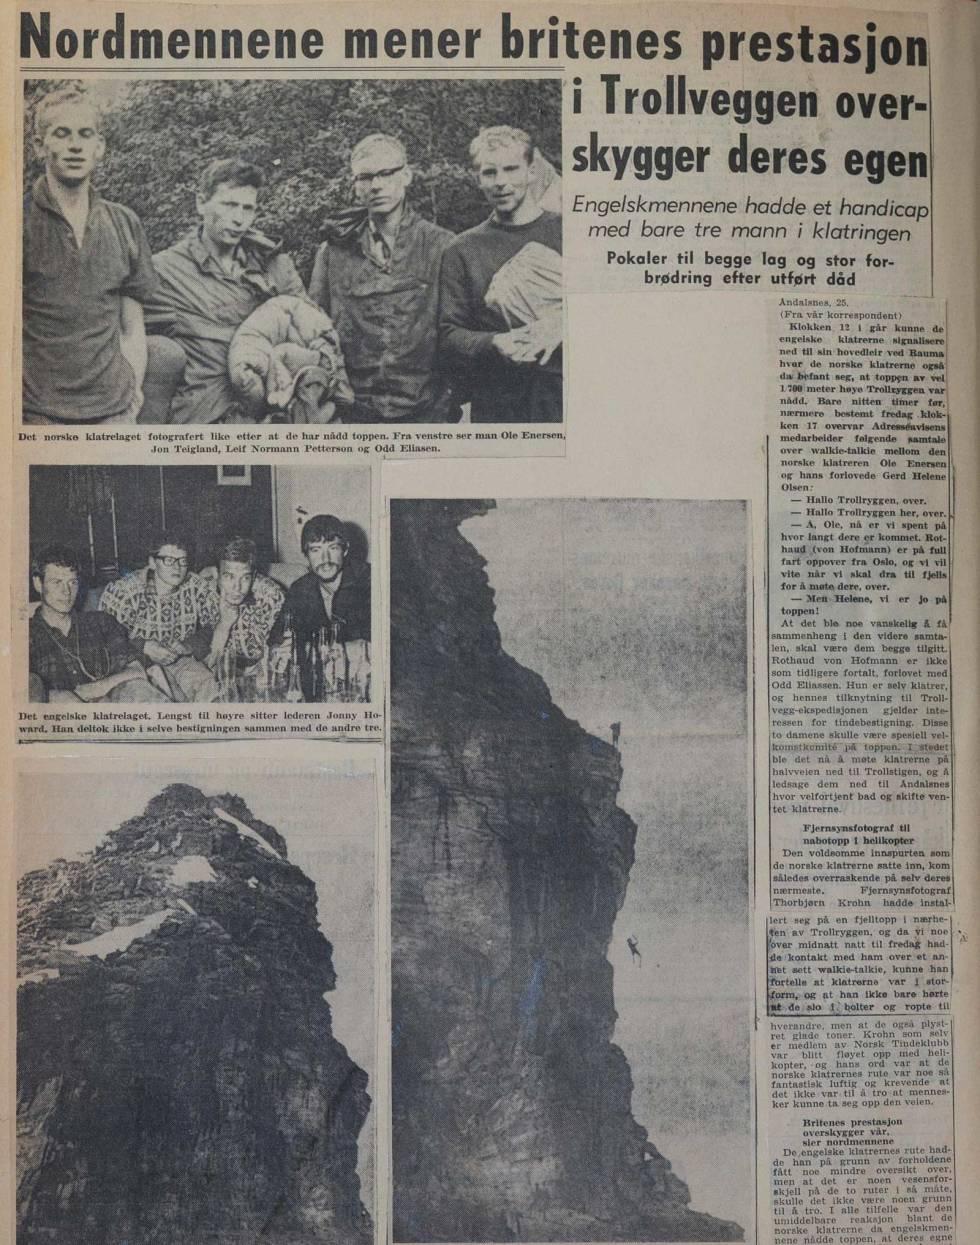 Trollveggen-Klatring-4